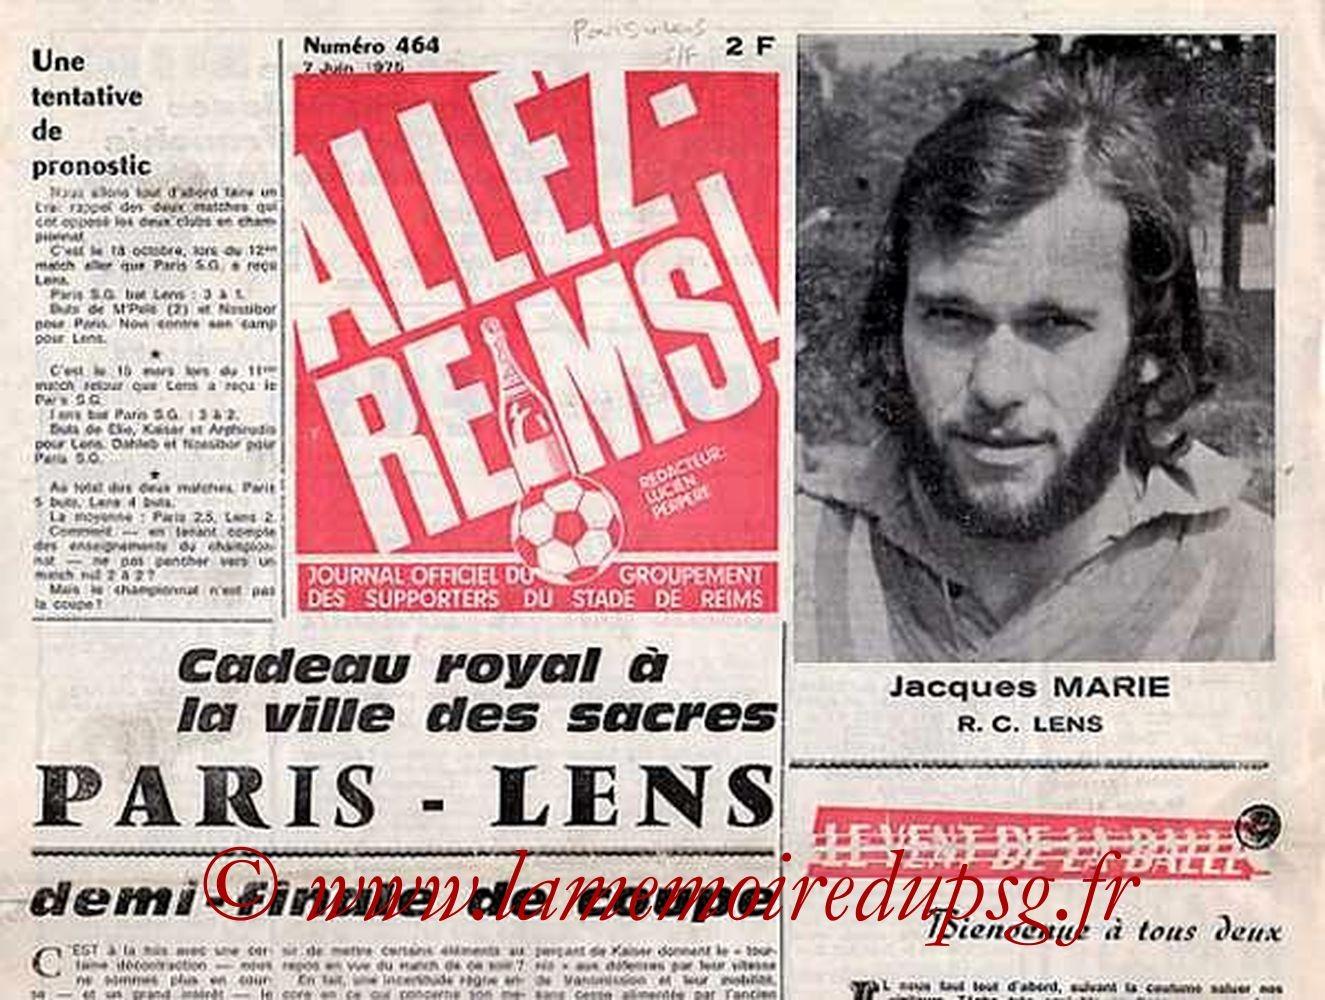 1975-06-07  PSG-Lens  (Demi Finale CF à Reims, Allez Reims N°464)